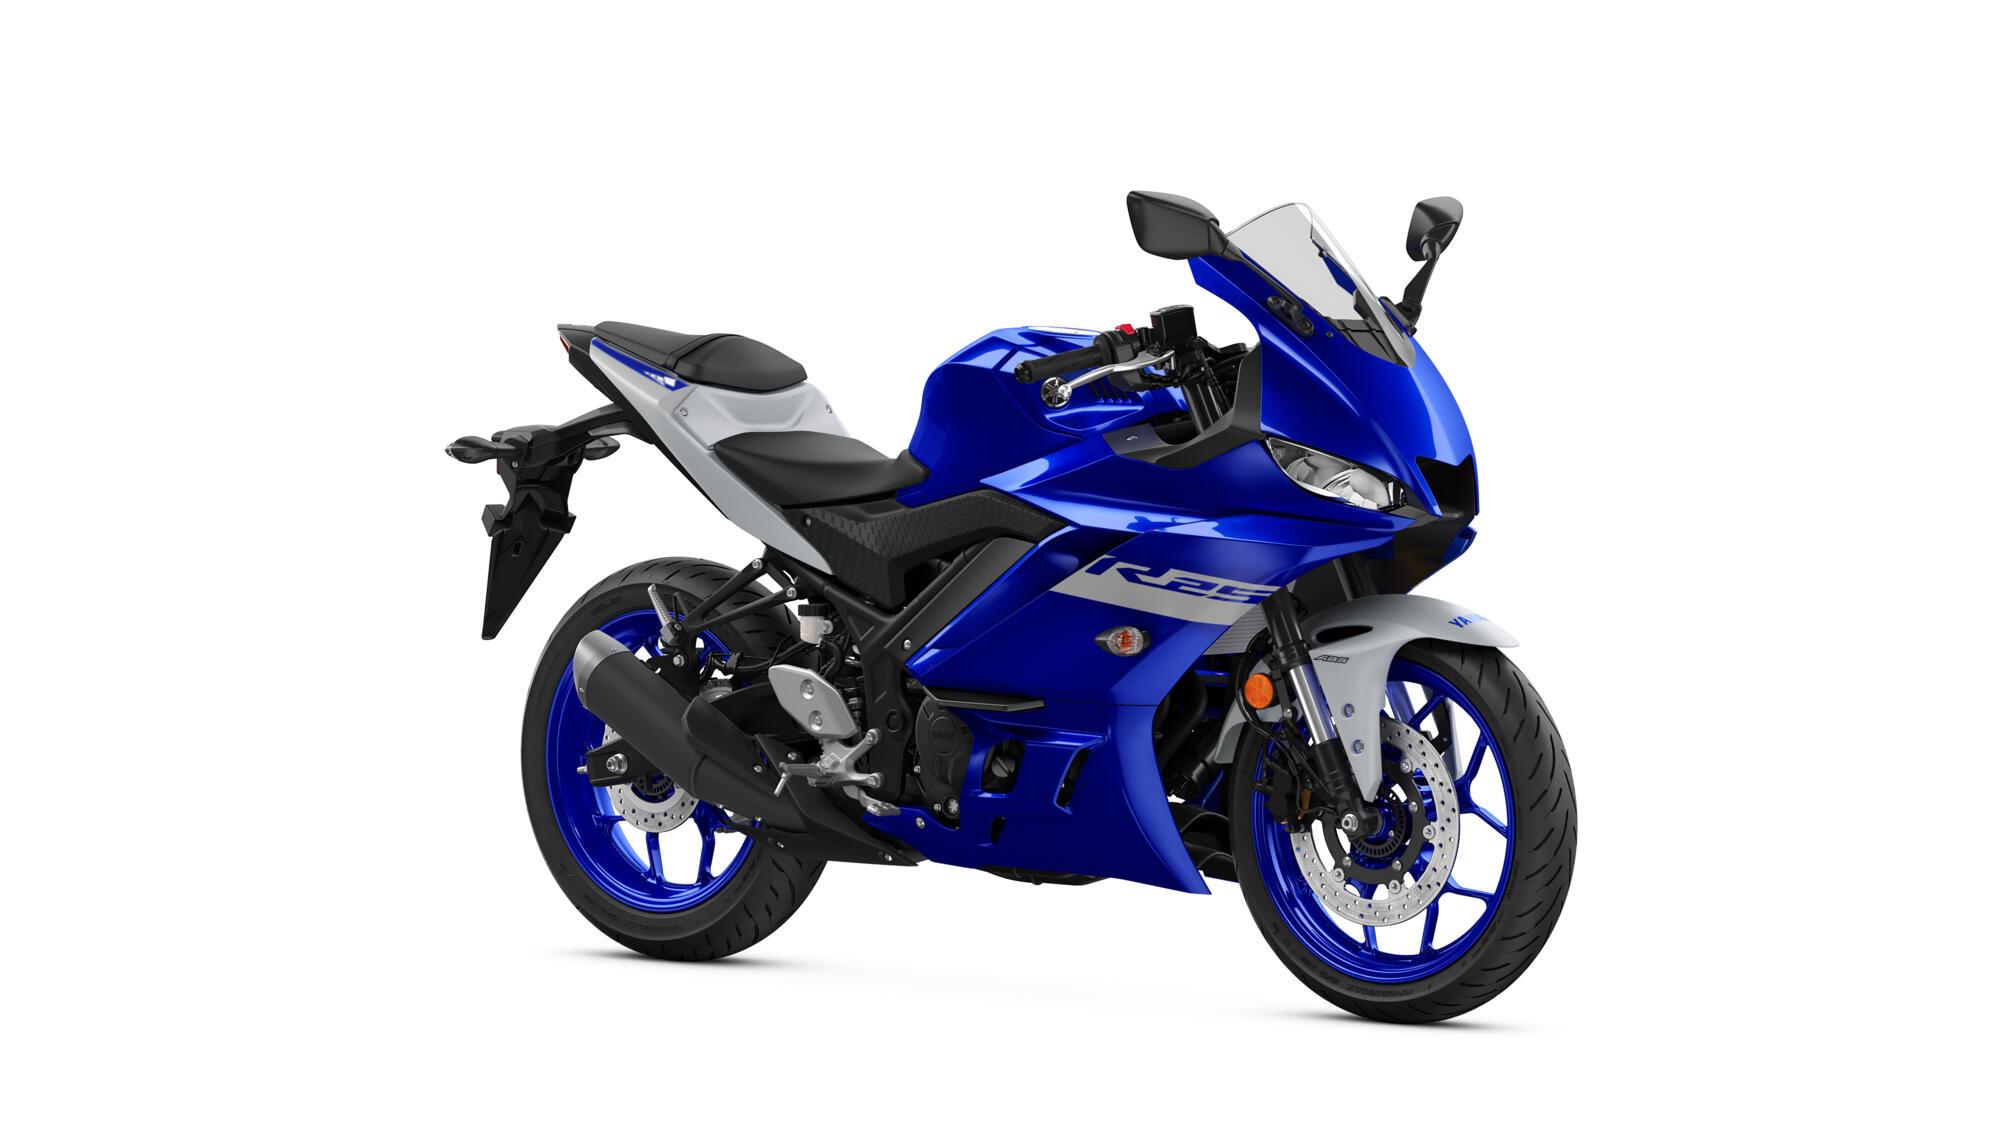 R25 - motorcycles - Yamaha Motor